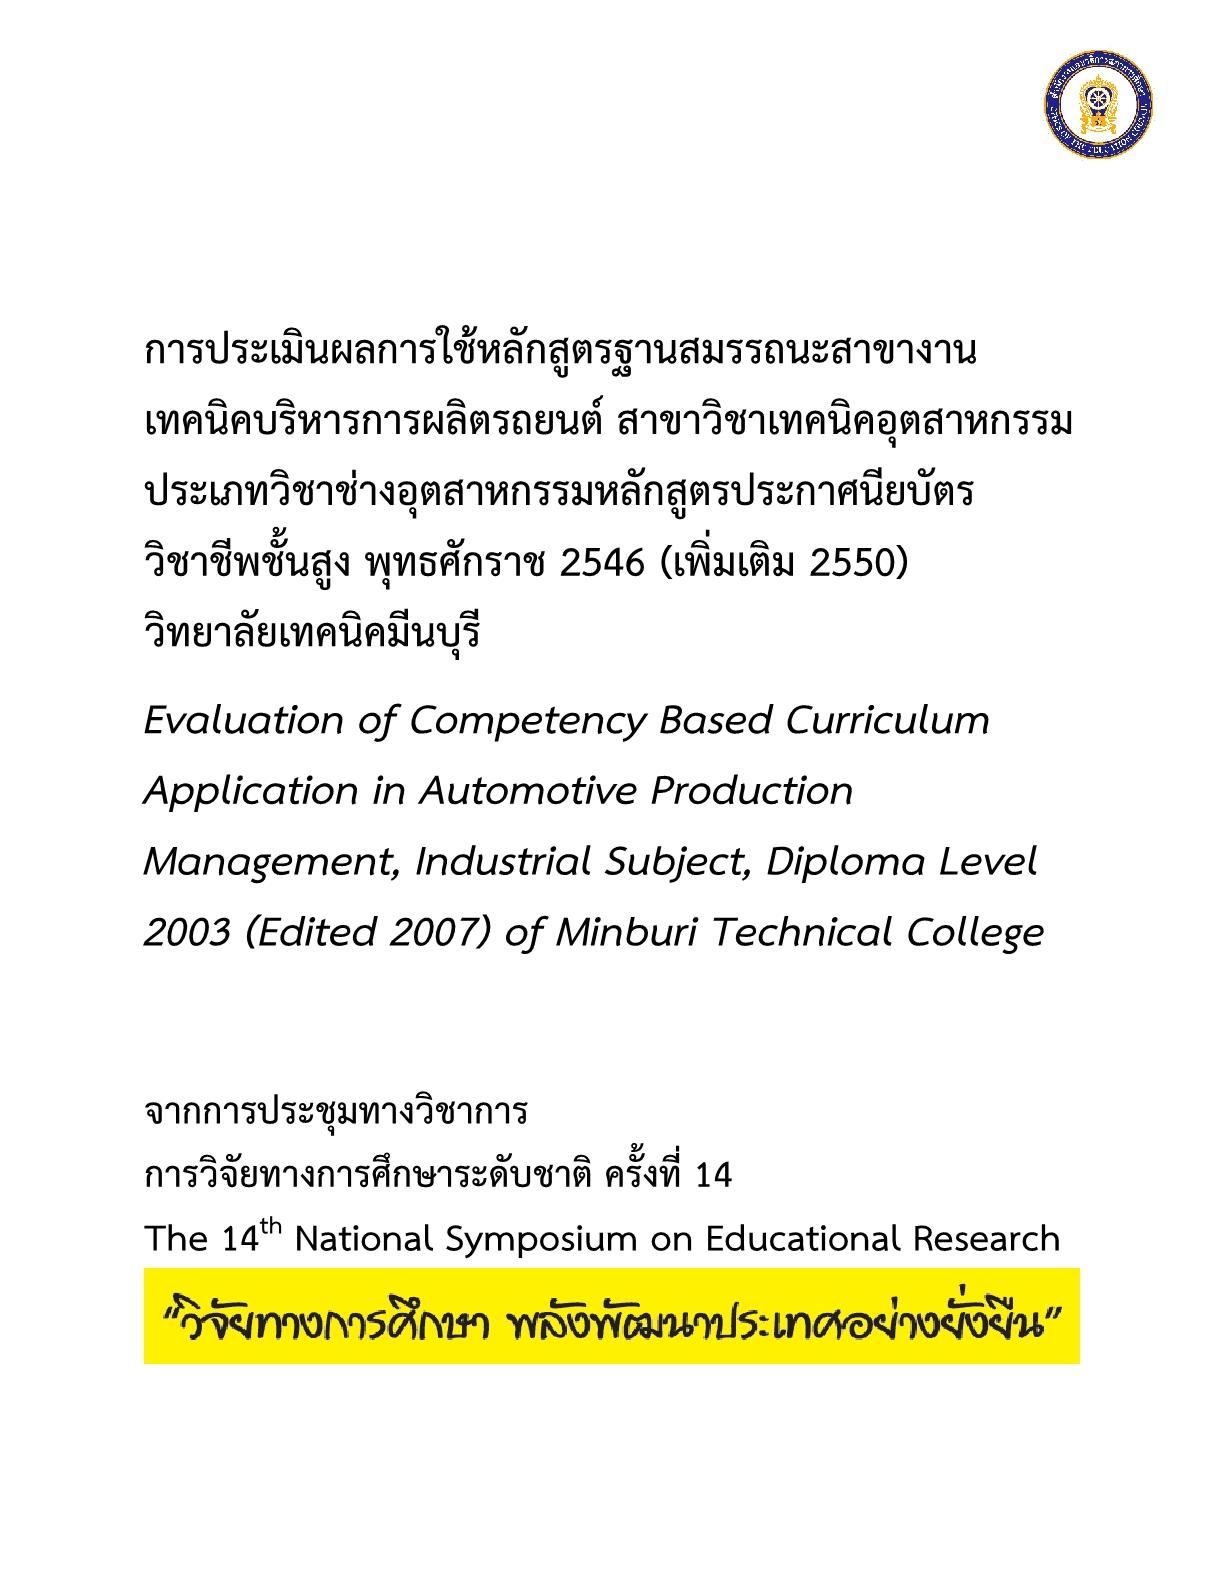 การประเมินผลการใช้หลักสูตรฐานสมรรถนะสาขางานเทคนิคบริหารการผลิตรถยนต์ สาขาวิชาเทคนิคอุตสาหกรรม ประเภทวิชาช่างอุตสาหกรรมหลักสูตรประกาศนียบัตร วิชาชีพชั้นสูง พุทธศักราช 2546 (เพิ่มเติม 2550) วิทยาลัยเทคนิคมีนบุรี